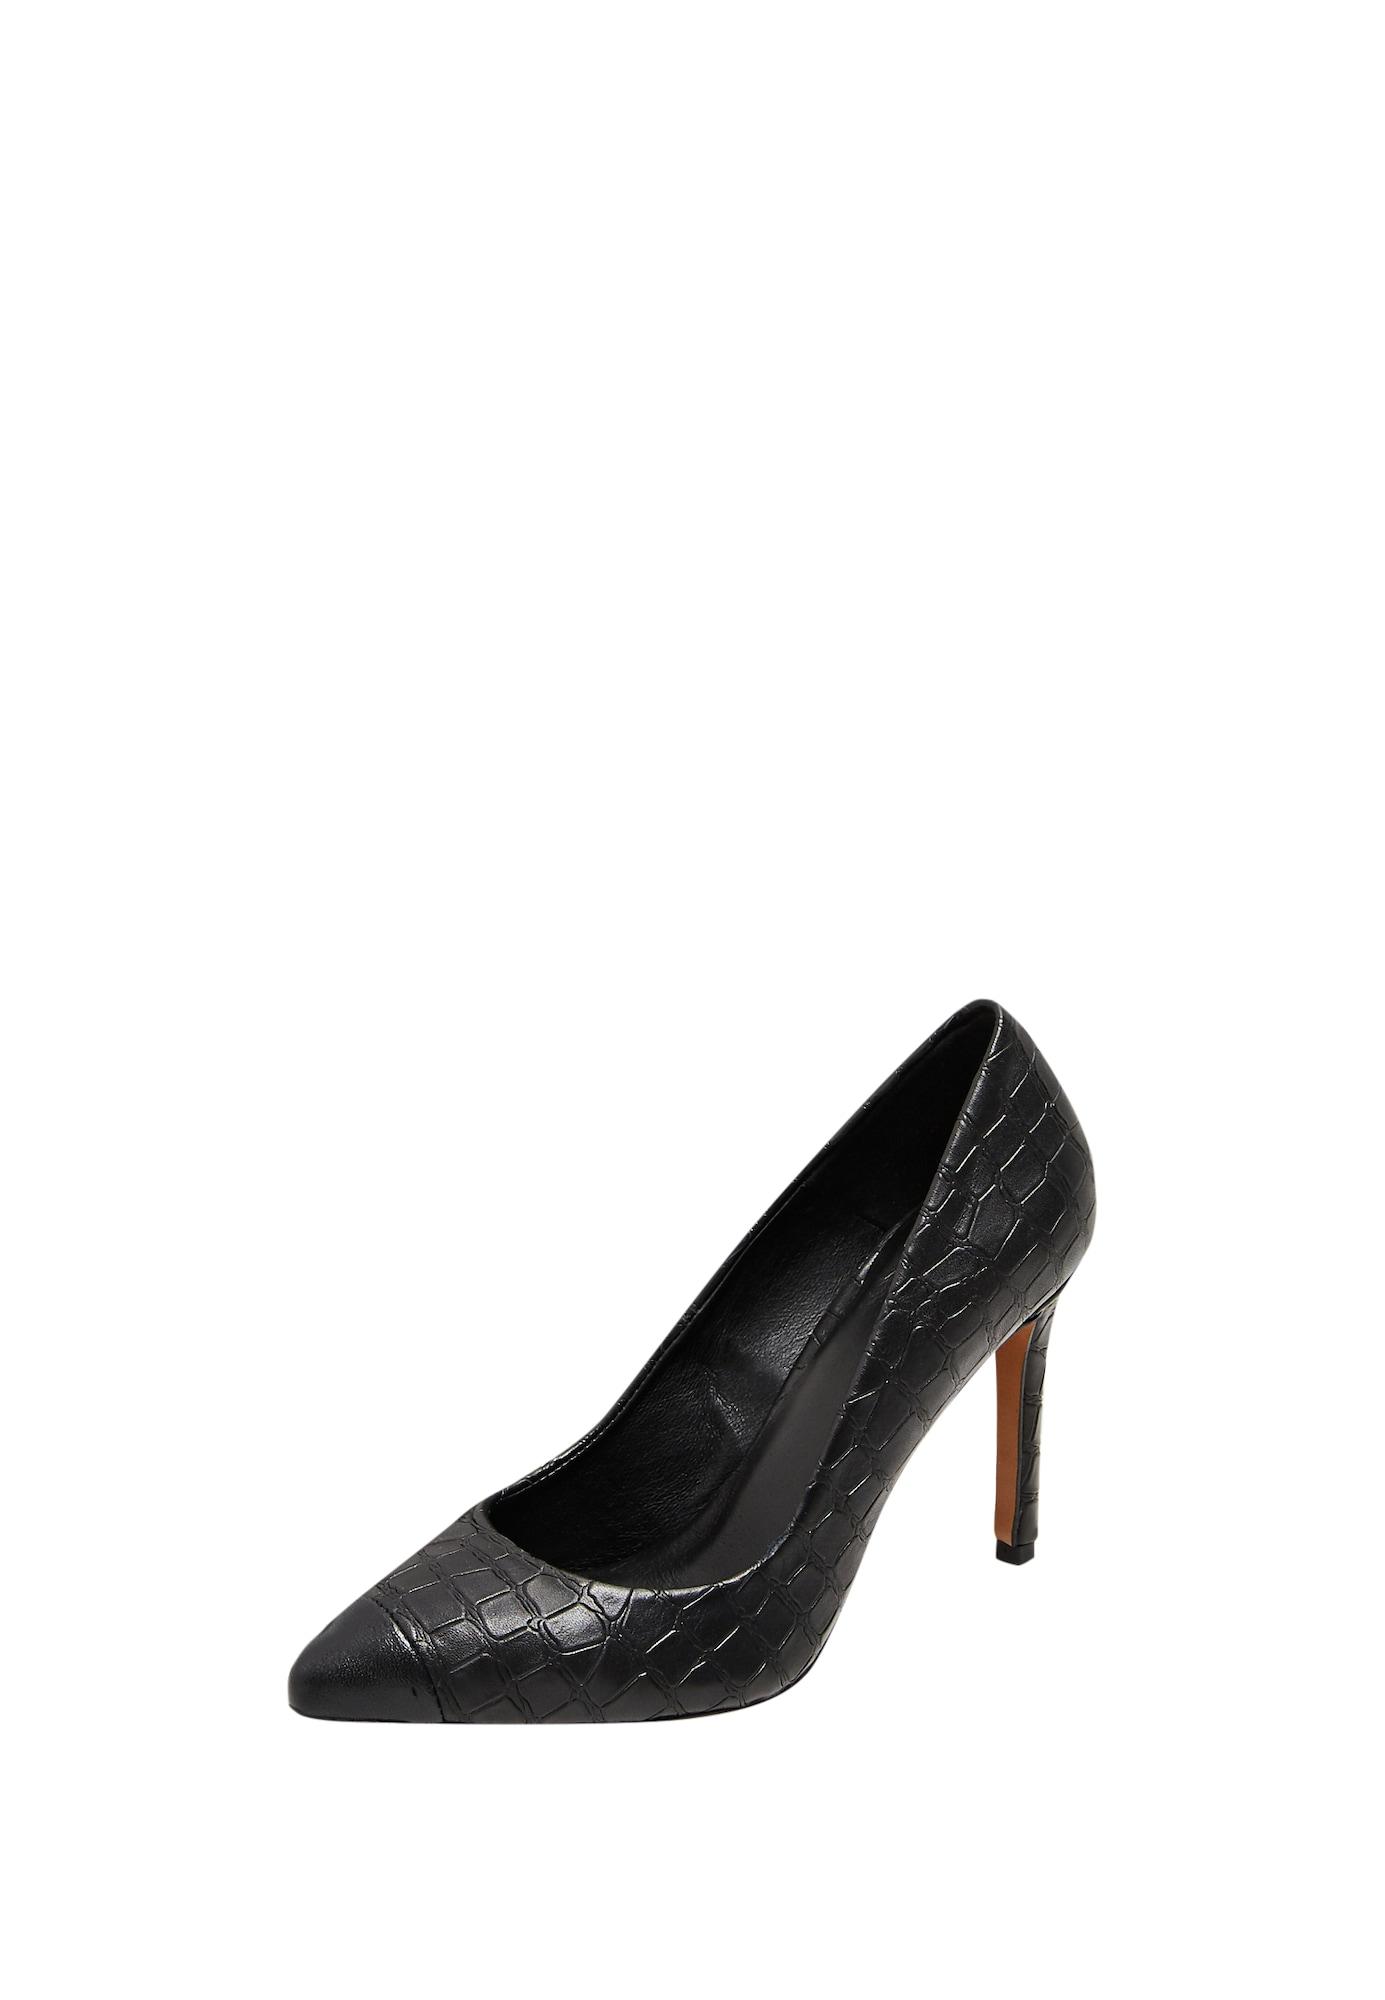 faina High-Heel-Pumps | Schuhe > High Heels | Faina